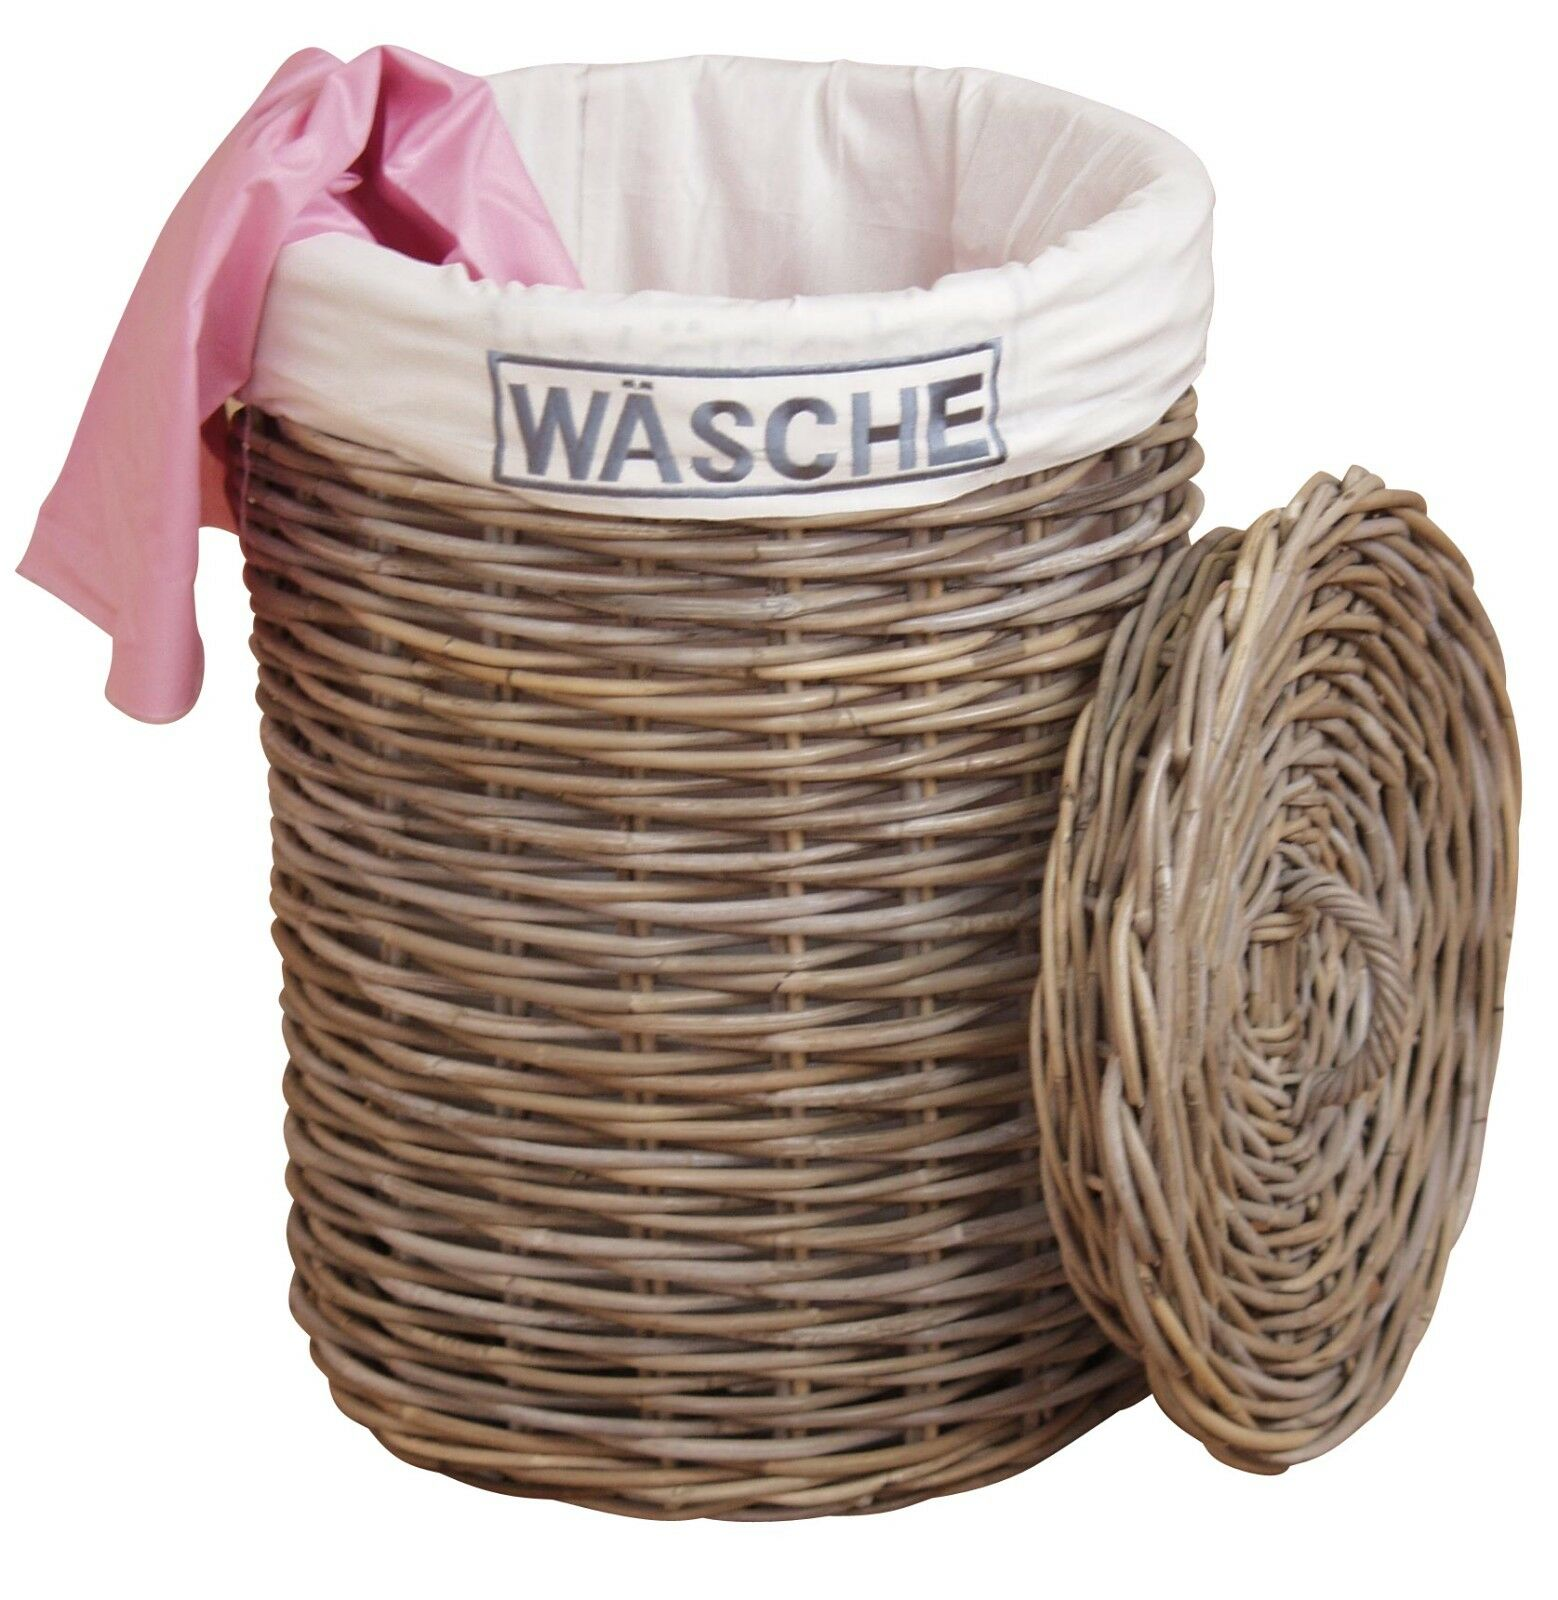 Wäschetruhe grau Wäschekorb Wäschebox Wäsche geflochten rattan Wäschebehälter